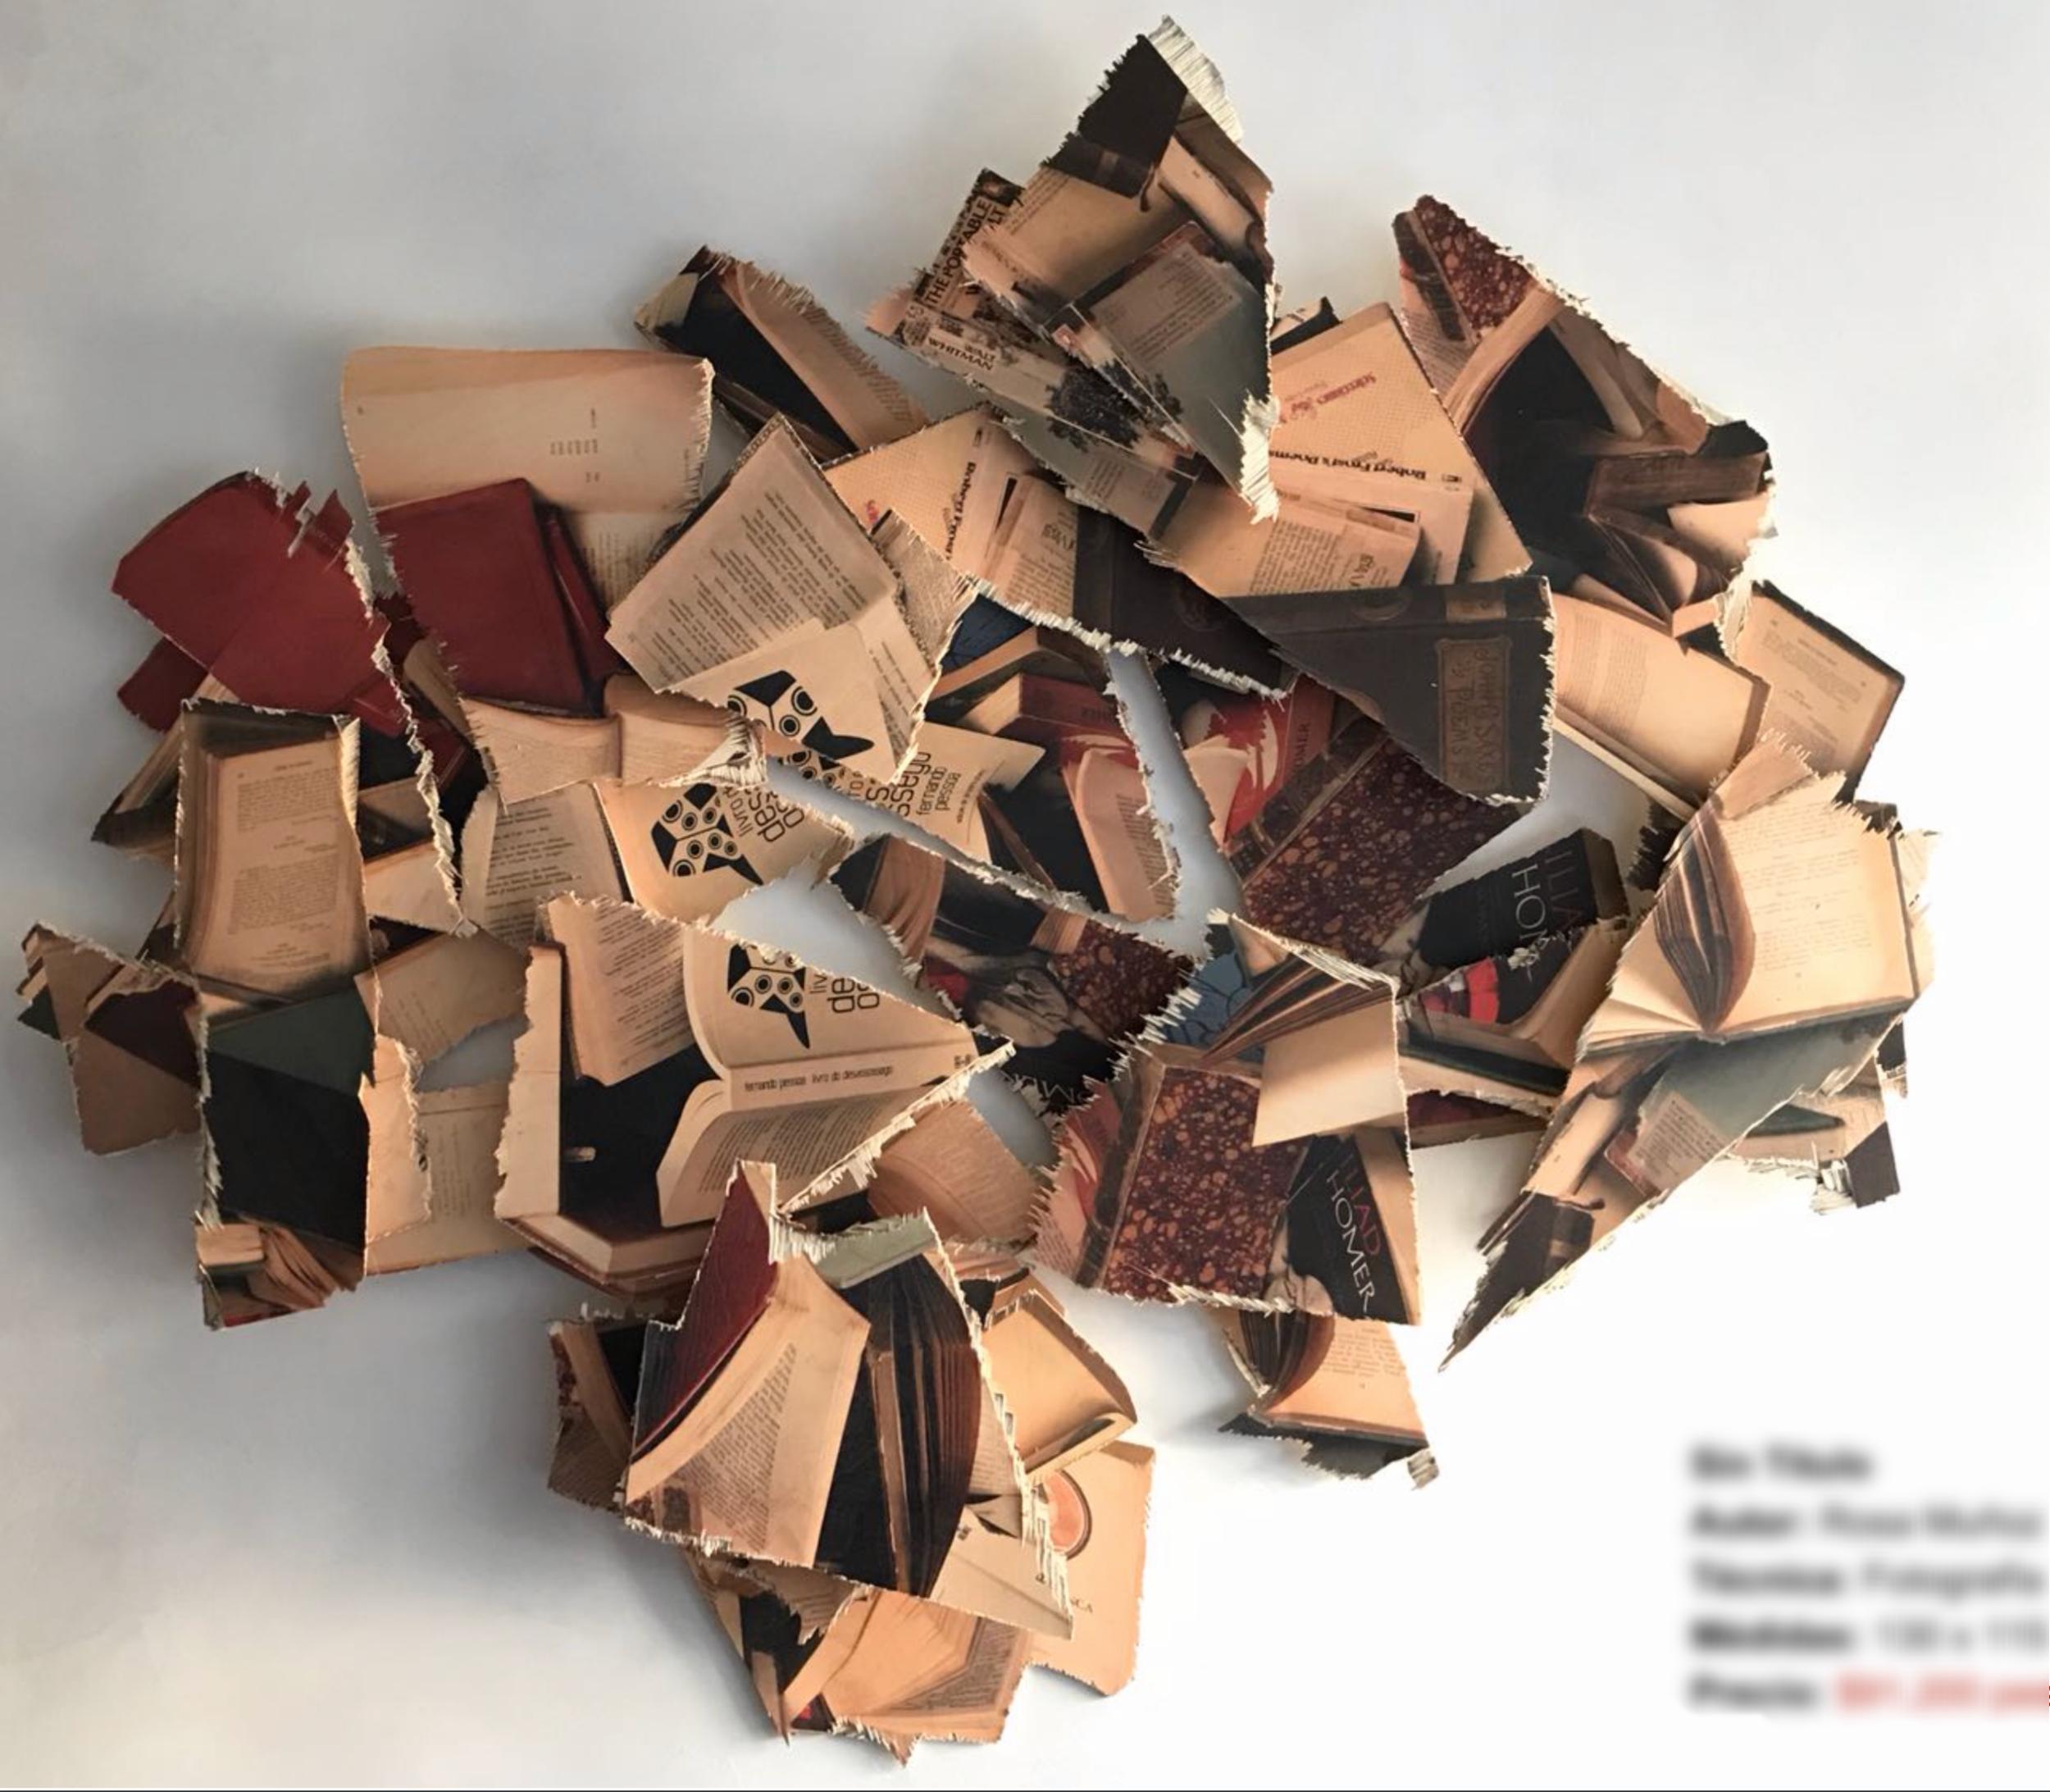 Sin Título Autor:  Rosa Muñoz  Técnica:  Fotografía sobre madera   Medidas:  130 x 115 cm